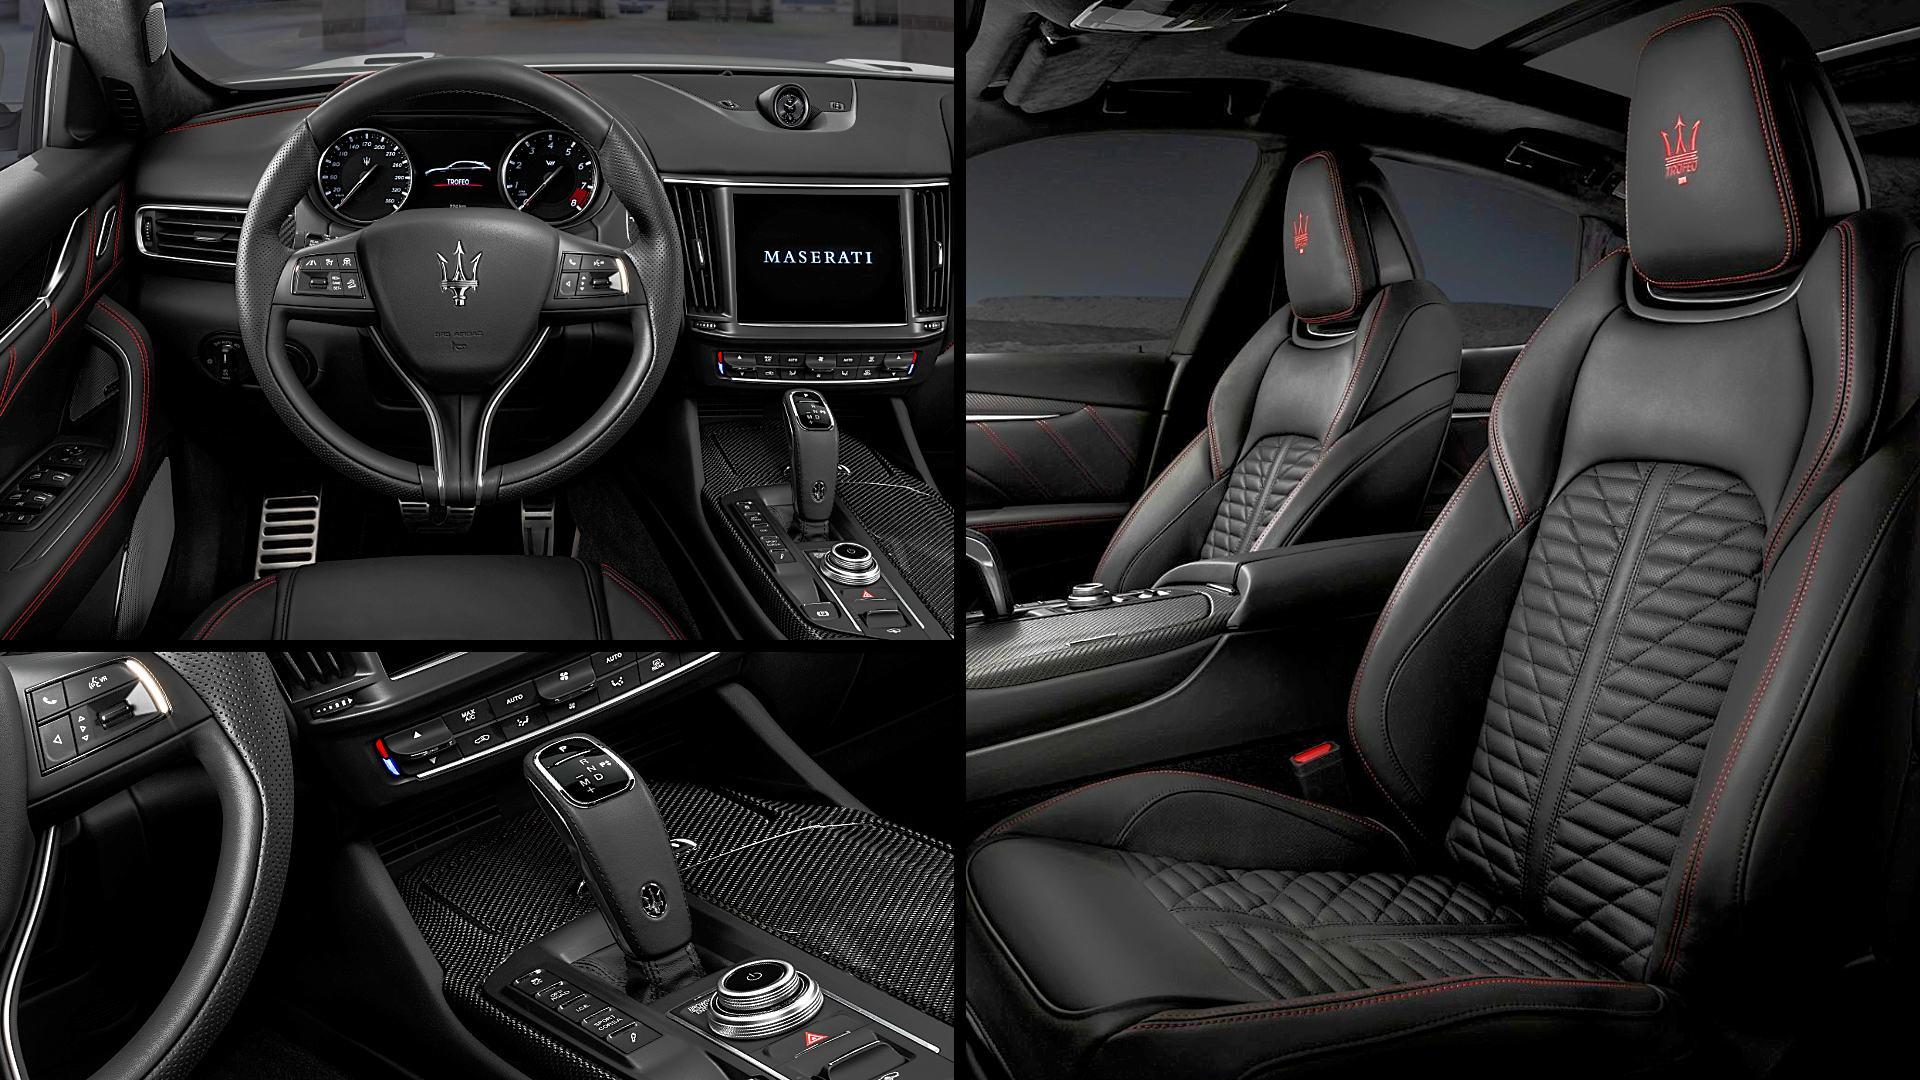 2021 Maserati Levante Trofeo Interior